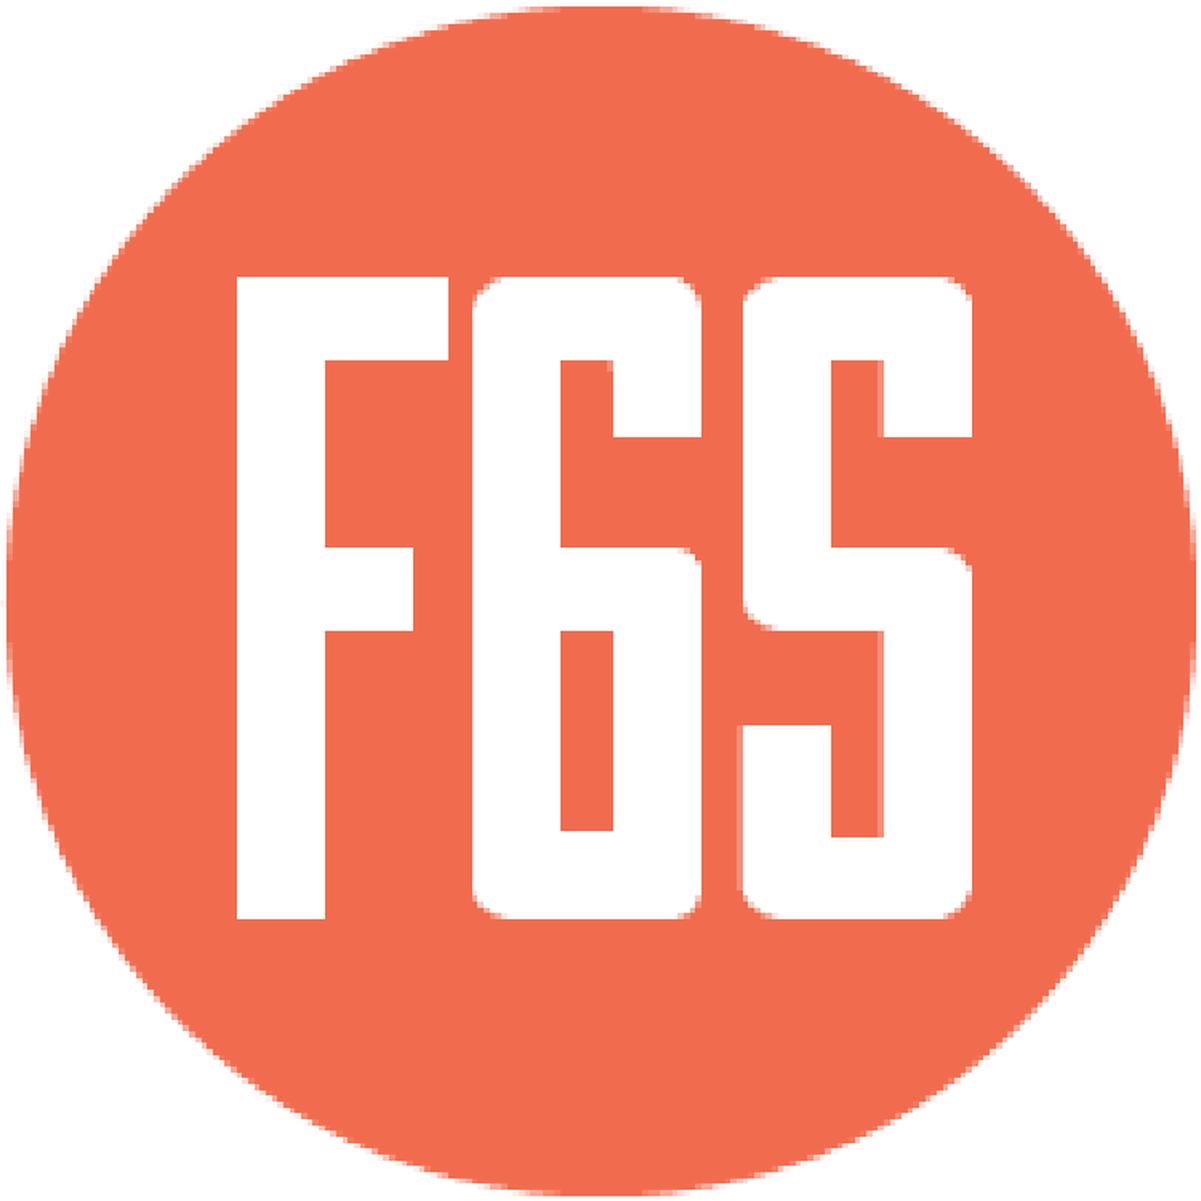 Slikovni rezultat za f6s widget